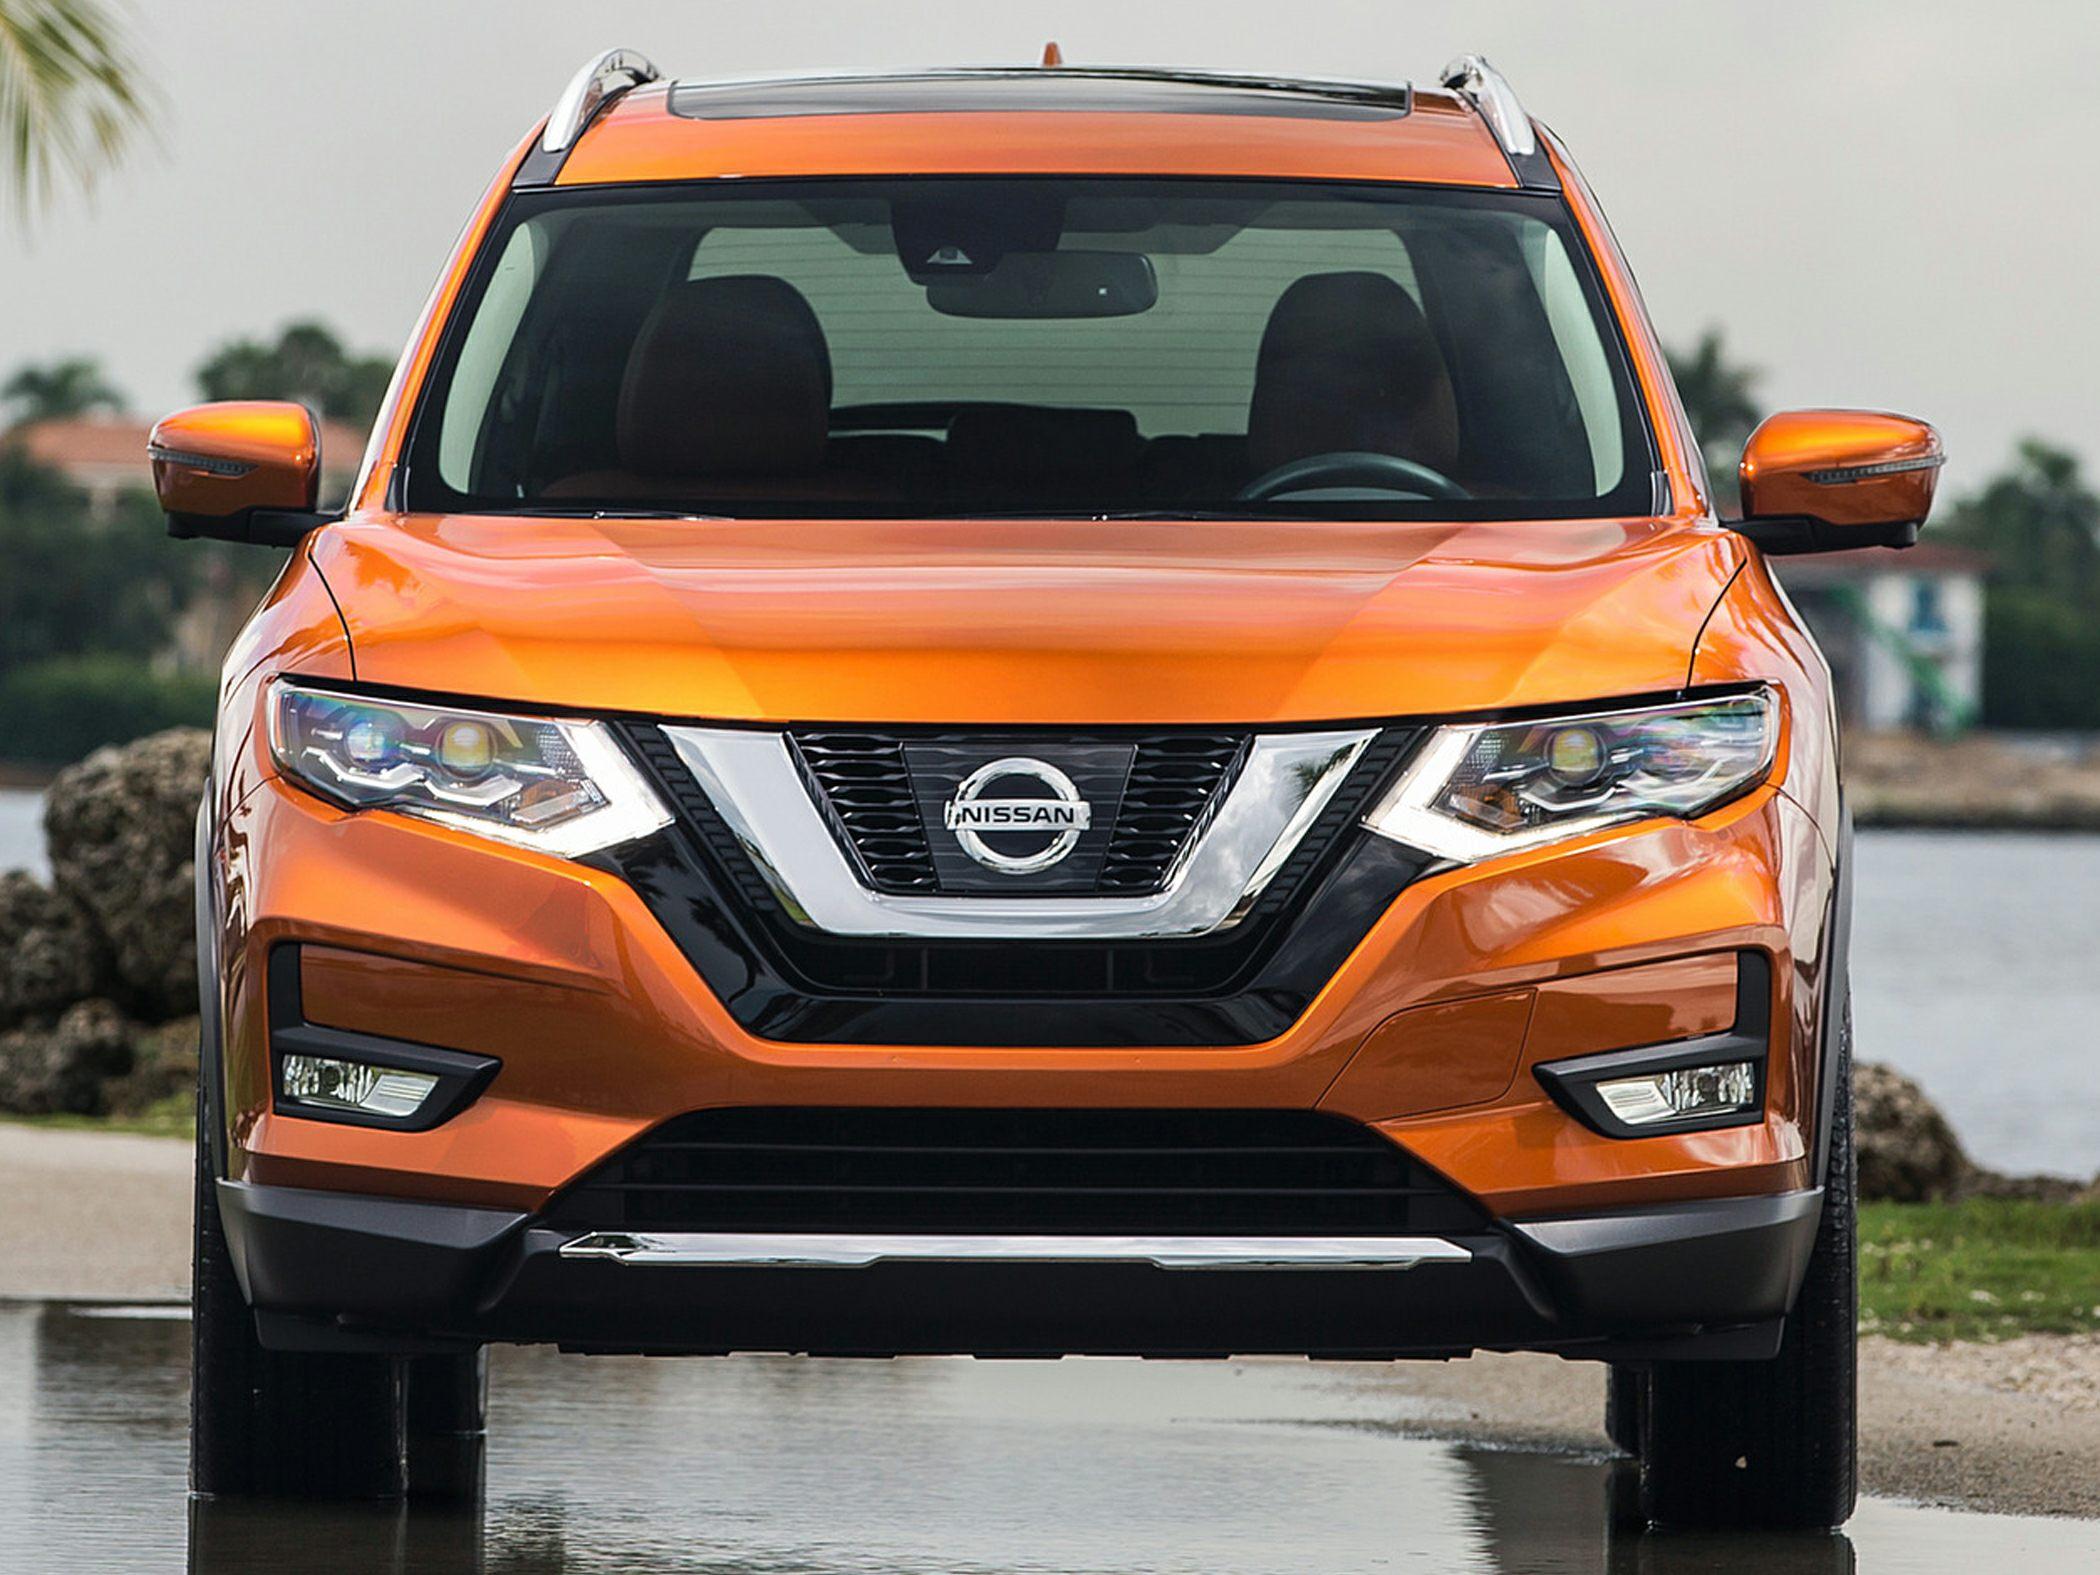 Nissan Higher Oil Change Interval Risks